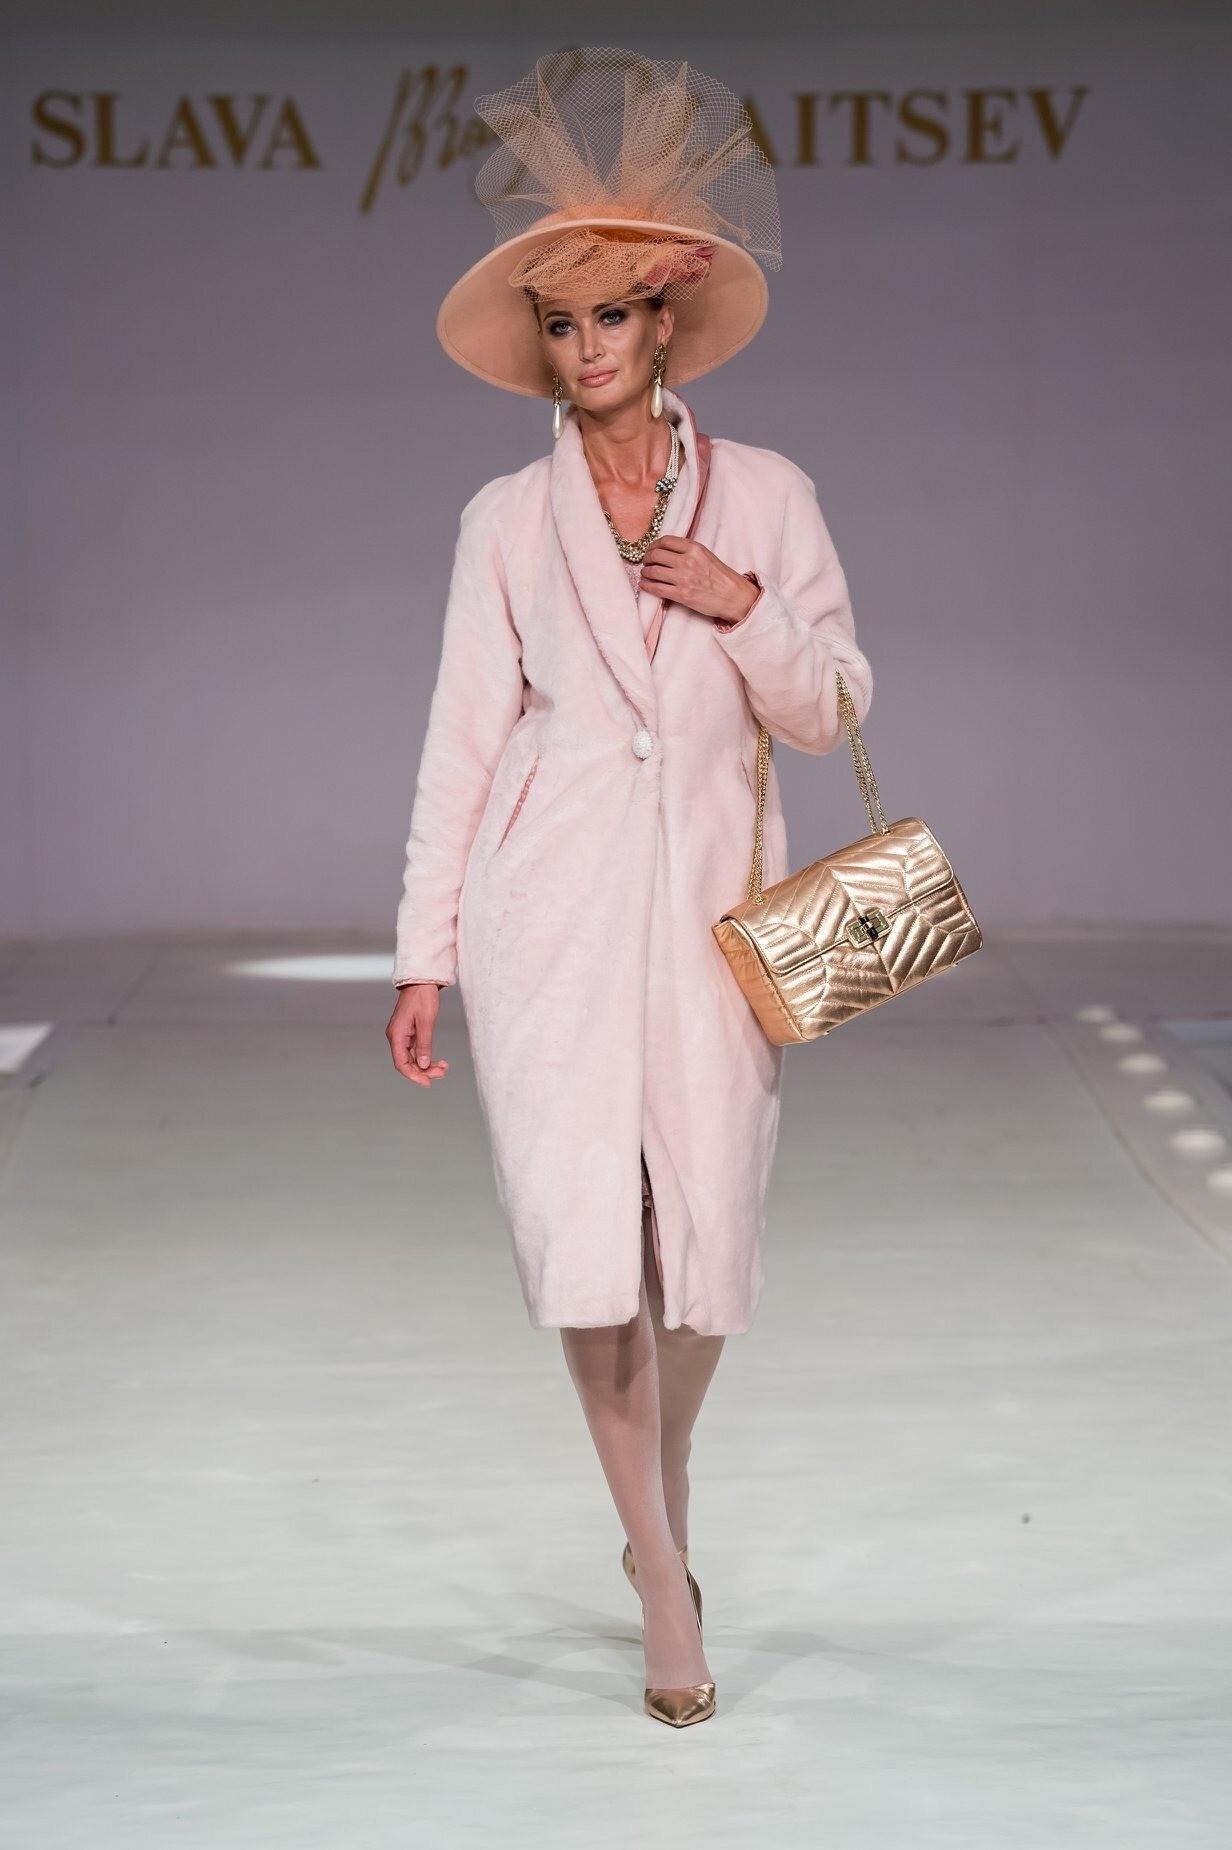 Этот look необходимо подкорректировать: выбирай жакет счетко нарисованным плечевым поясом, юбку – длиной чуть выше колен; белую рубашку дополни жилетом изтонкой шерстяной пряжи изумрудн...